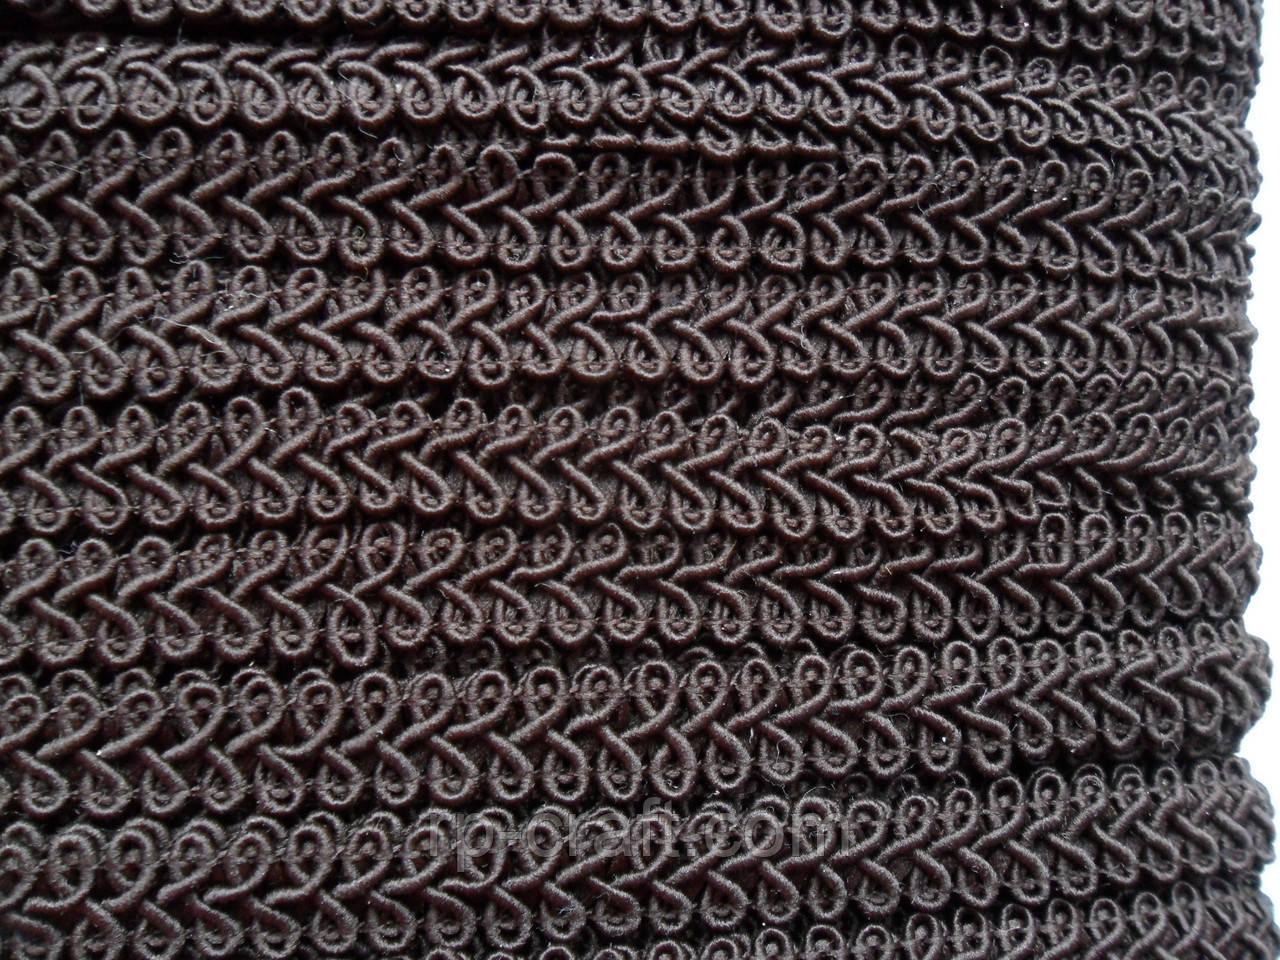 Тасьма декоративна, меблева. Темно-коричнева, 12 мм